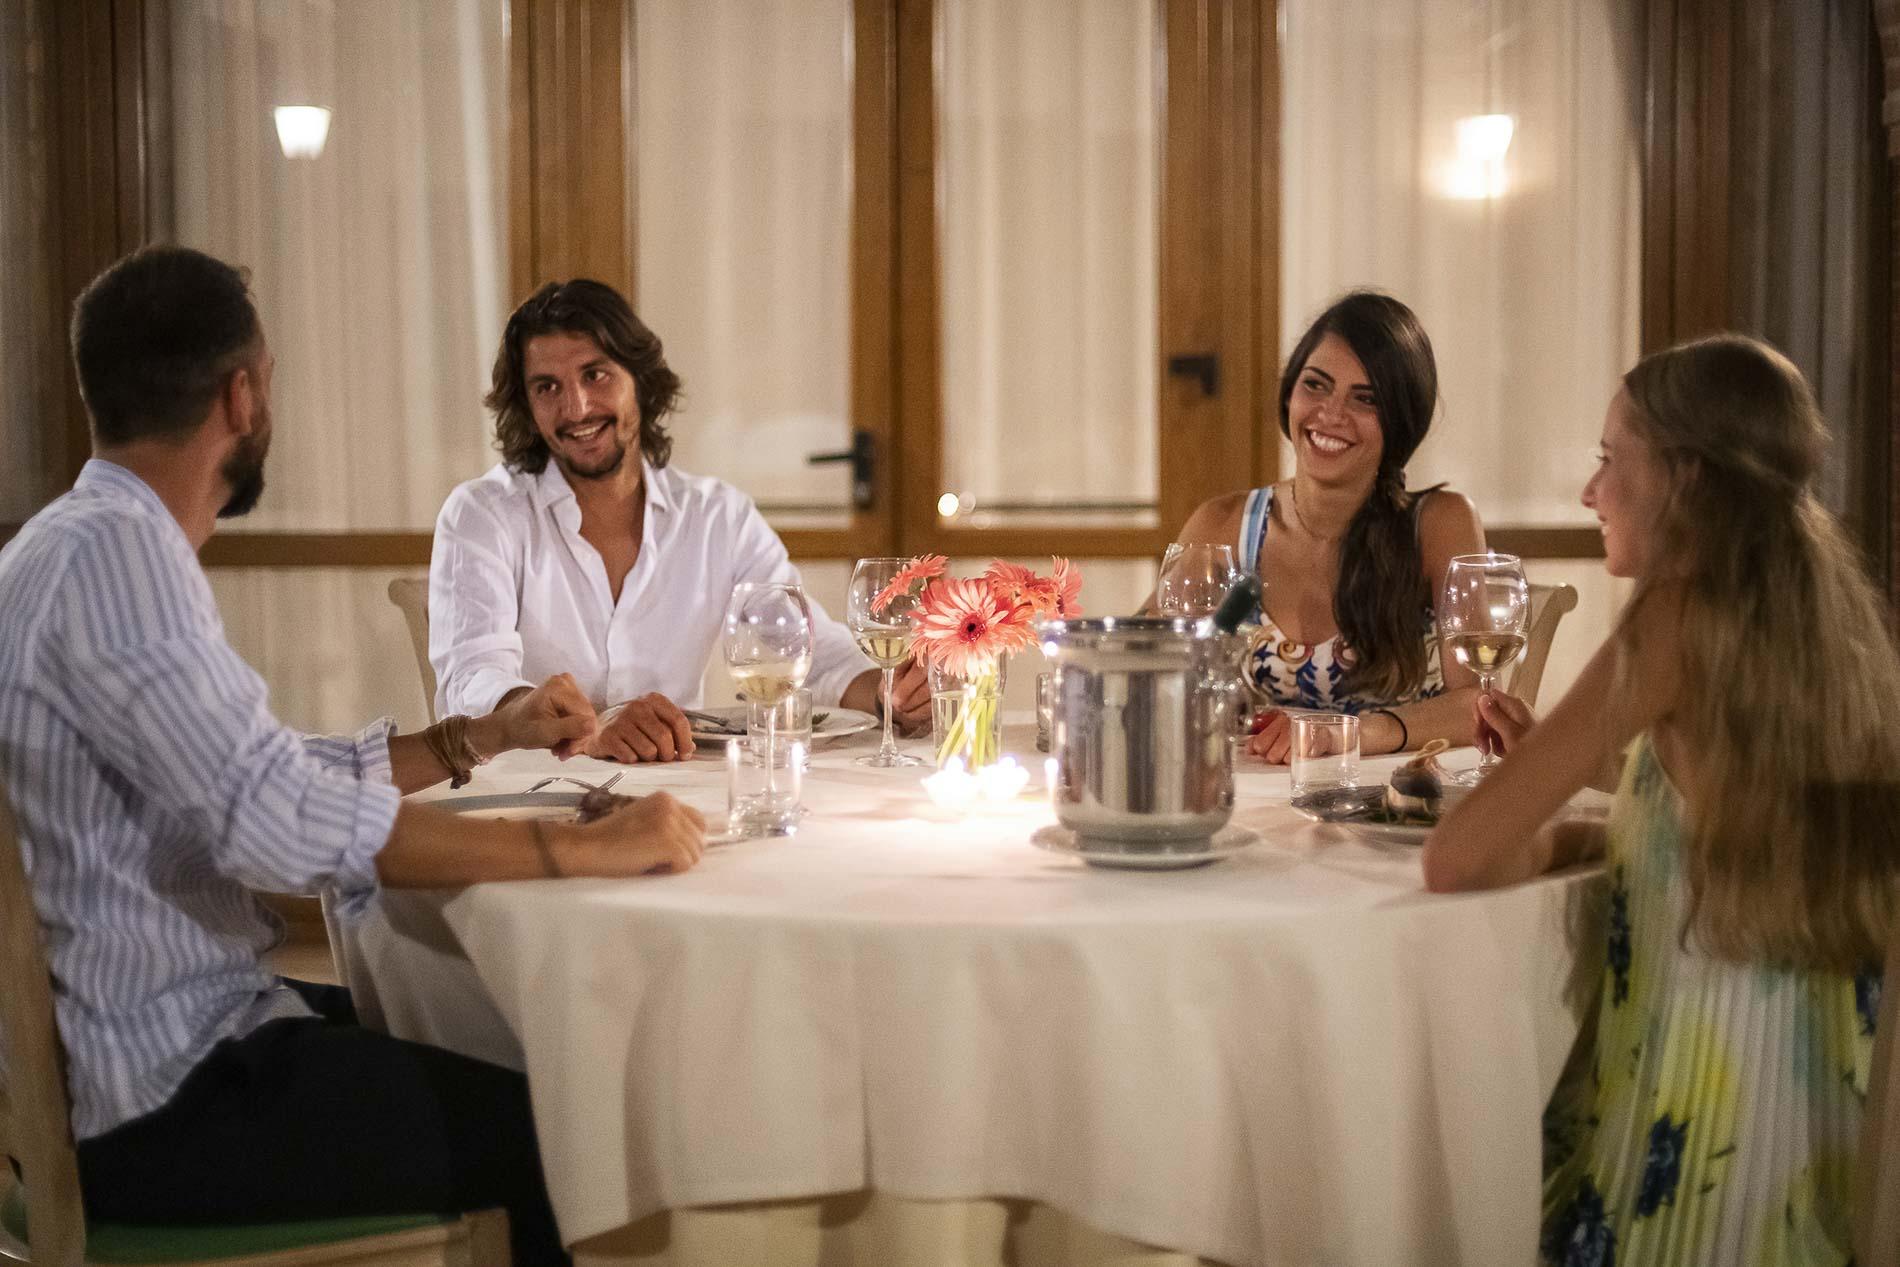 Tuscia Restaurant